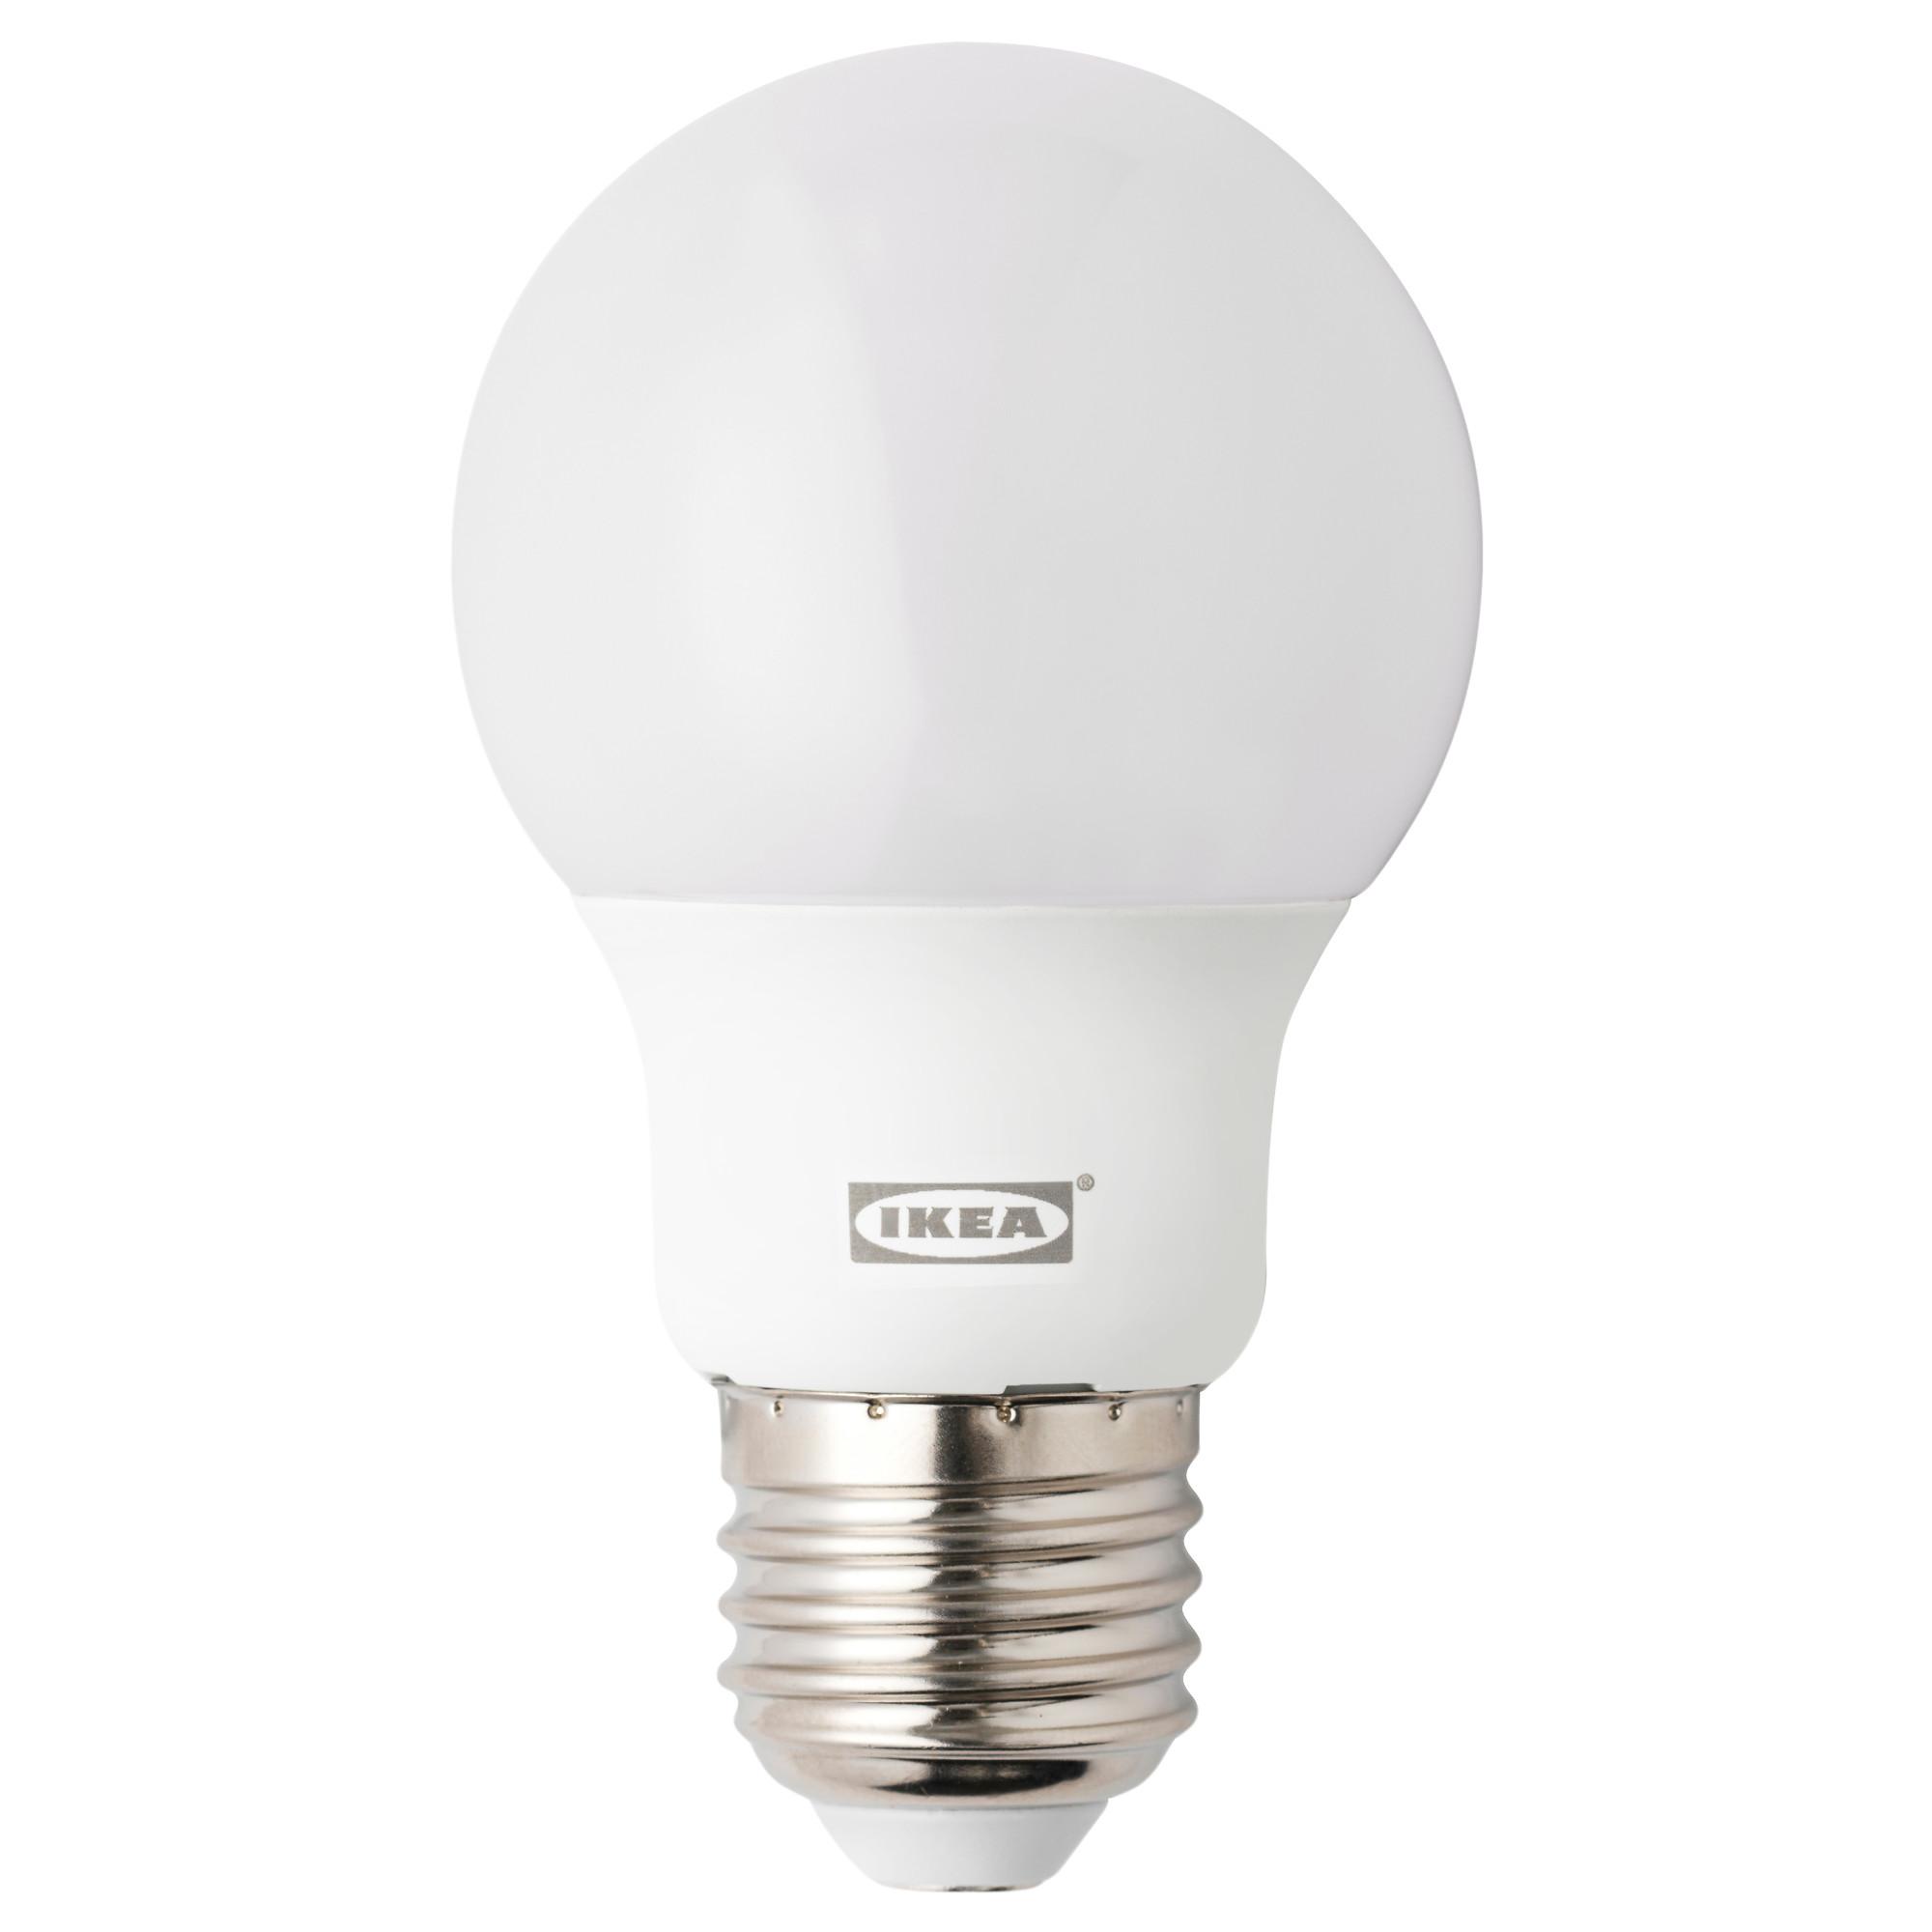 IKEA RYET LED Bulb E27 400 Lumen Gl (end 10/23/2020 1:09 AM)